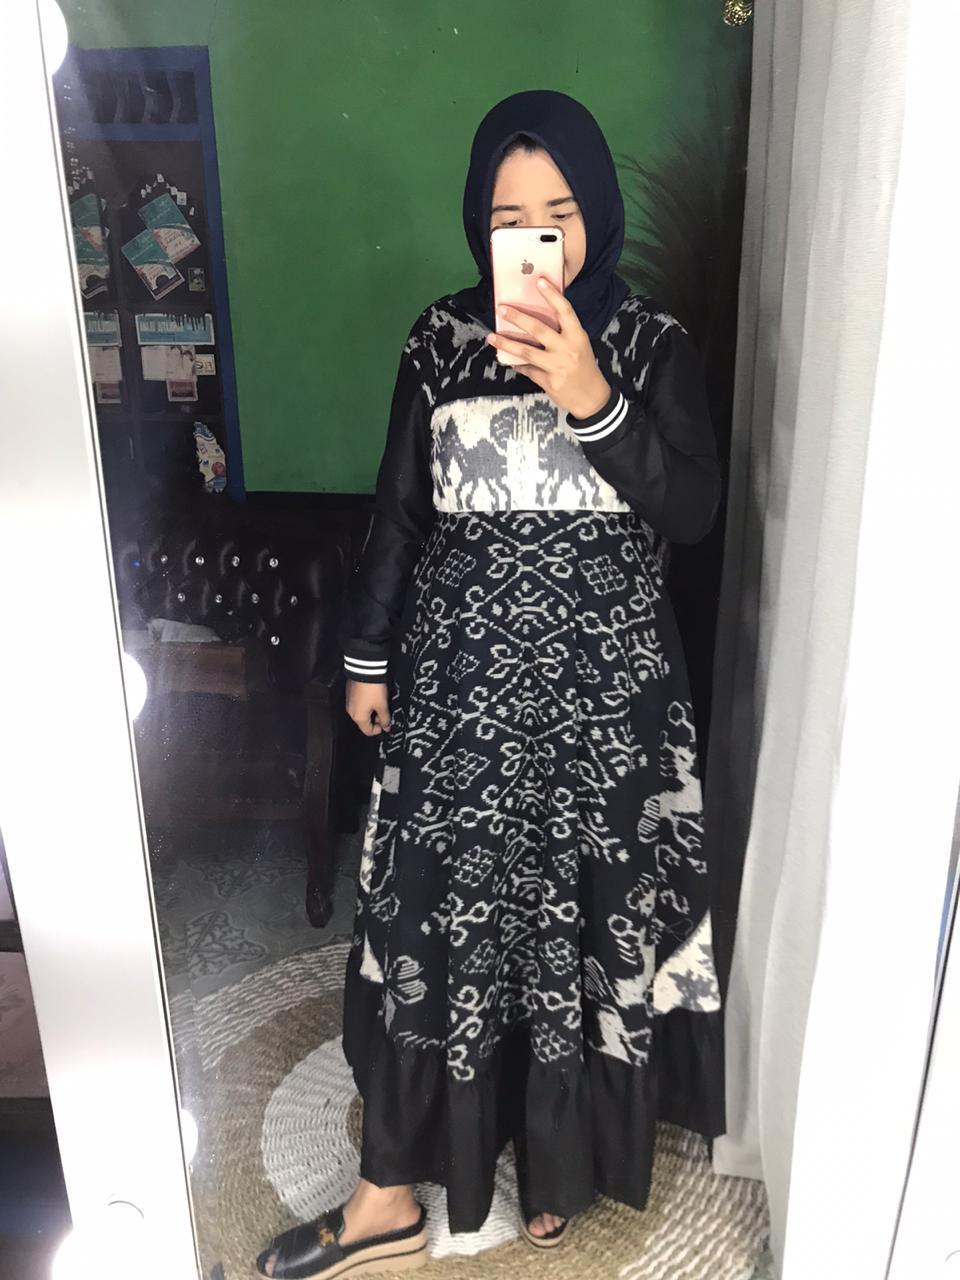 Promo Amel Store Baju Tenun Blanket Wanita Trendy 100 Original Handmade Tenun Troso Jepara Tunik Tenun Blanket Etnik Tunik Murah Dress Tenun Dress Murah Atasan Wanita Pria Celana Wanita Pria